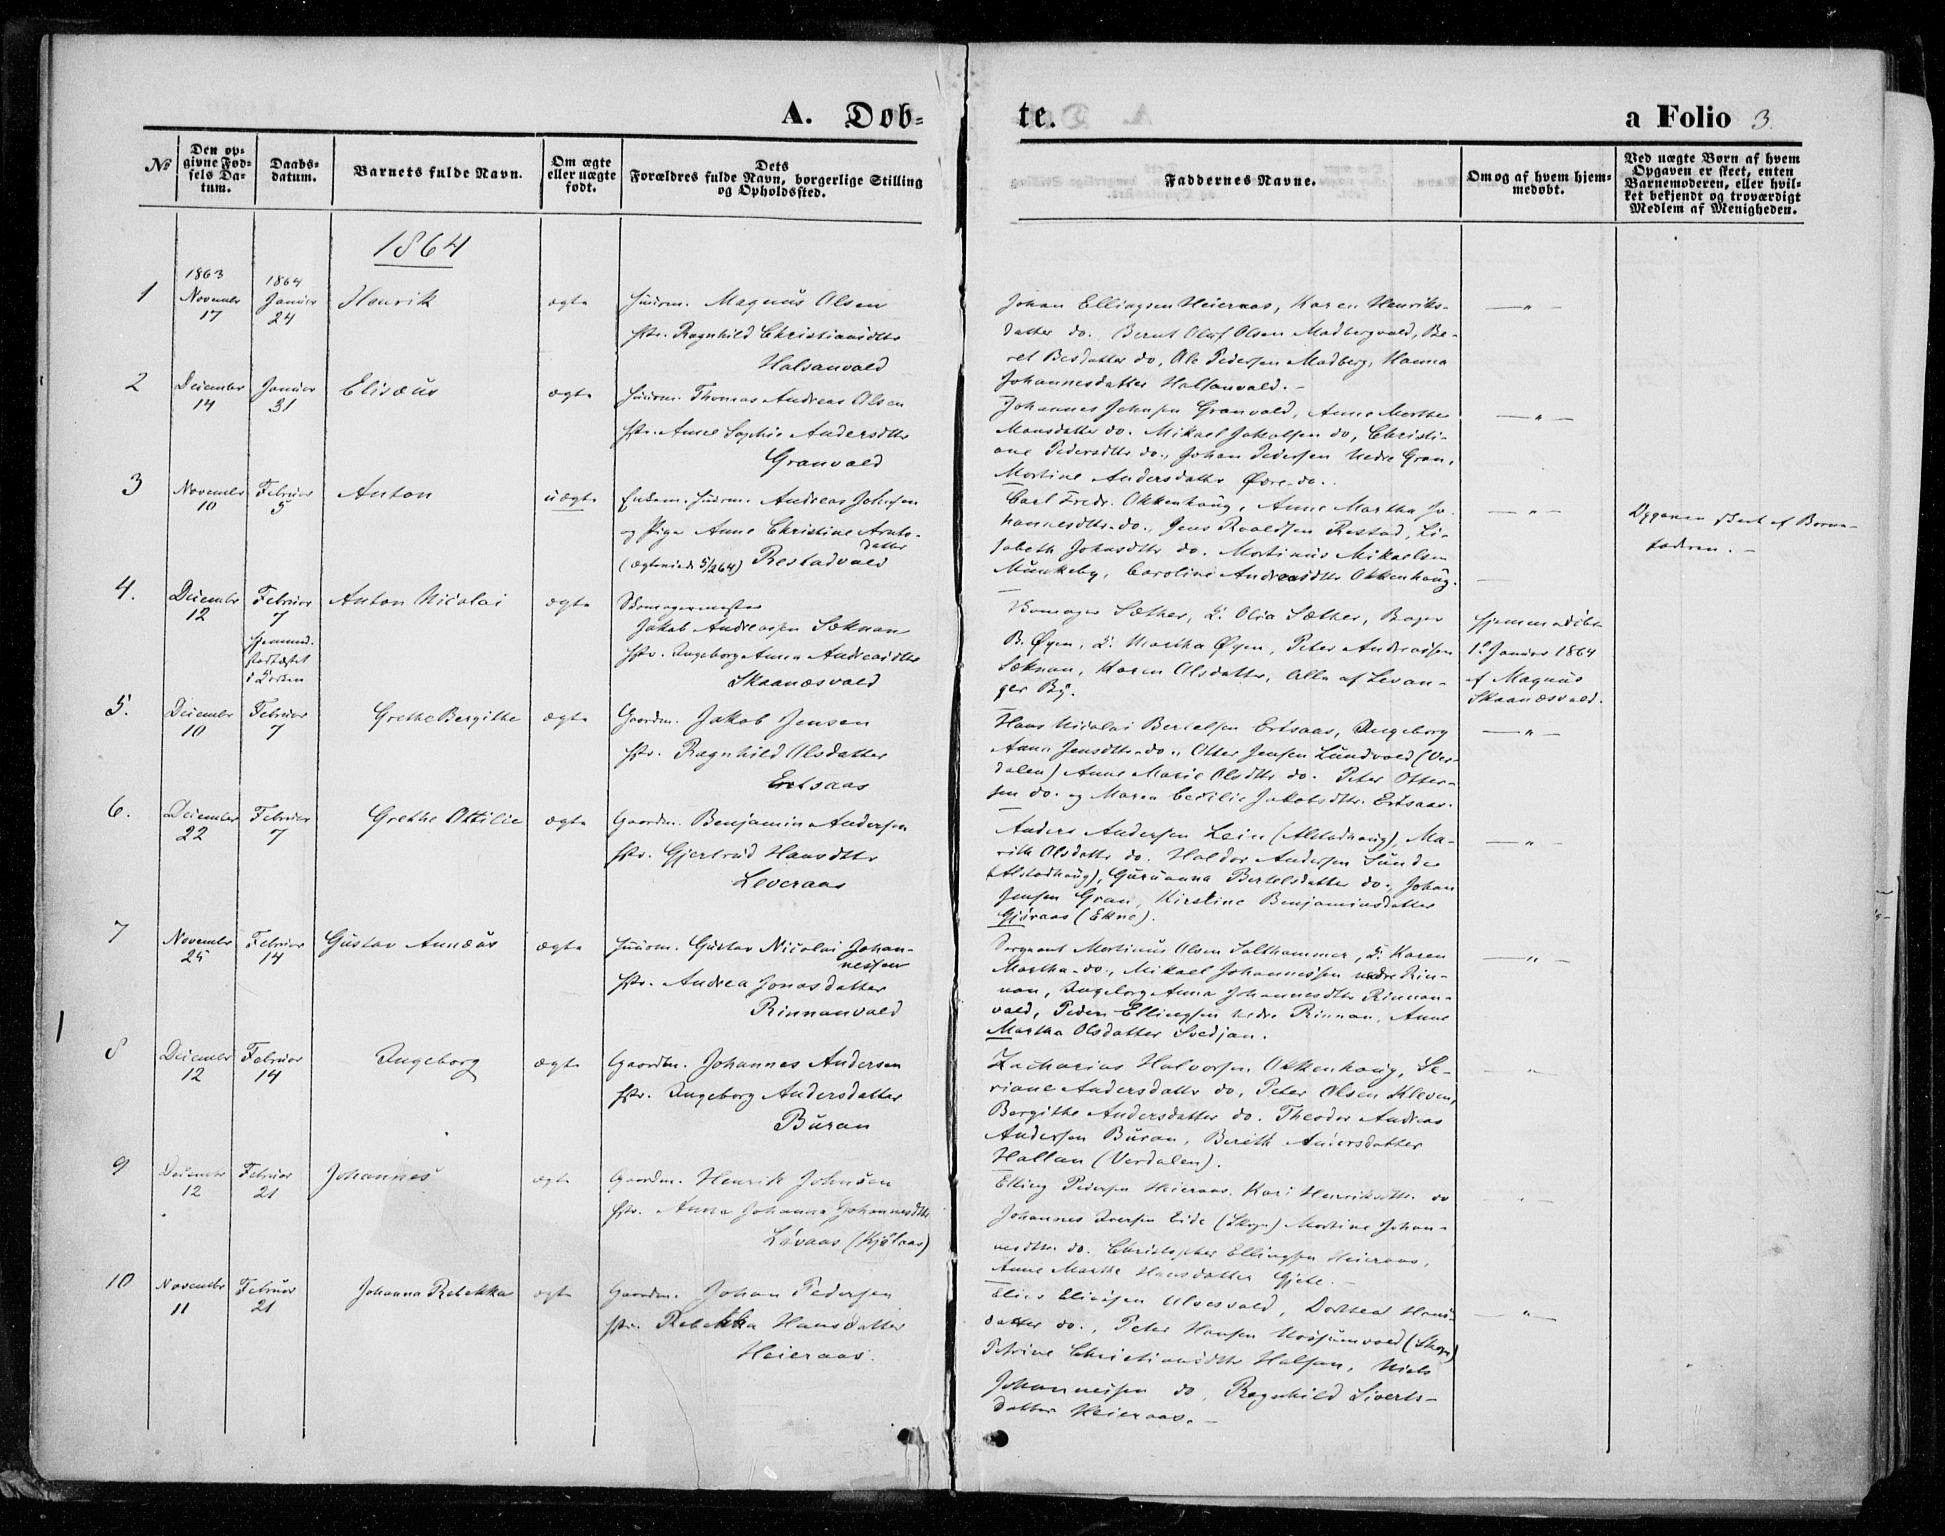 SAT, Ministerialprotokoller, klokkerbøker og fødselsregistre - Nord-Trøndelag, 721/L0206: Ministerialbok nr. 721A01, 1864-1874, s. 3